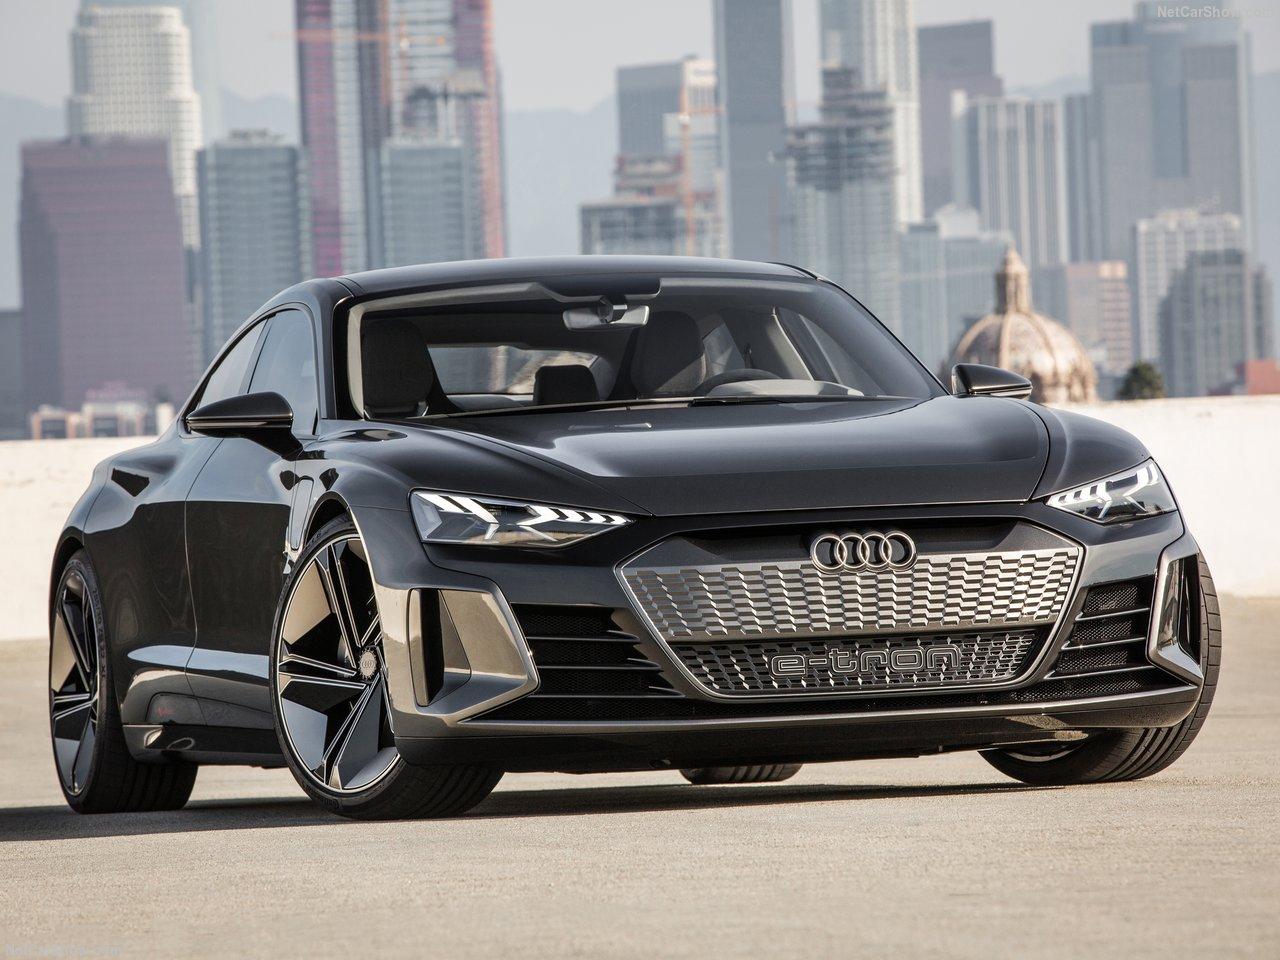 Audi e-tron GT, o elétrico que vai dos 0 aos 100 km/h em apenas 3,5 segundos